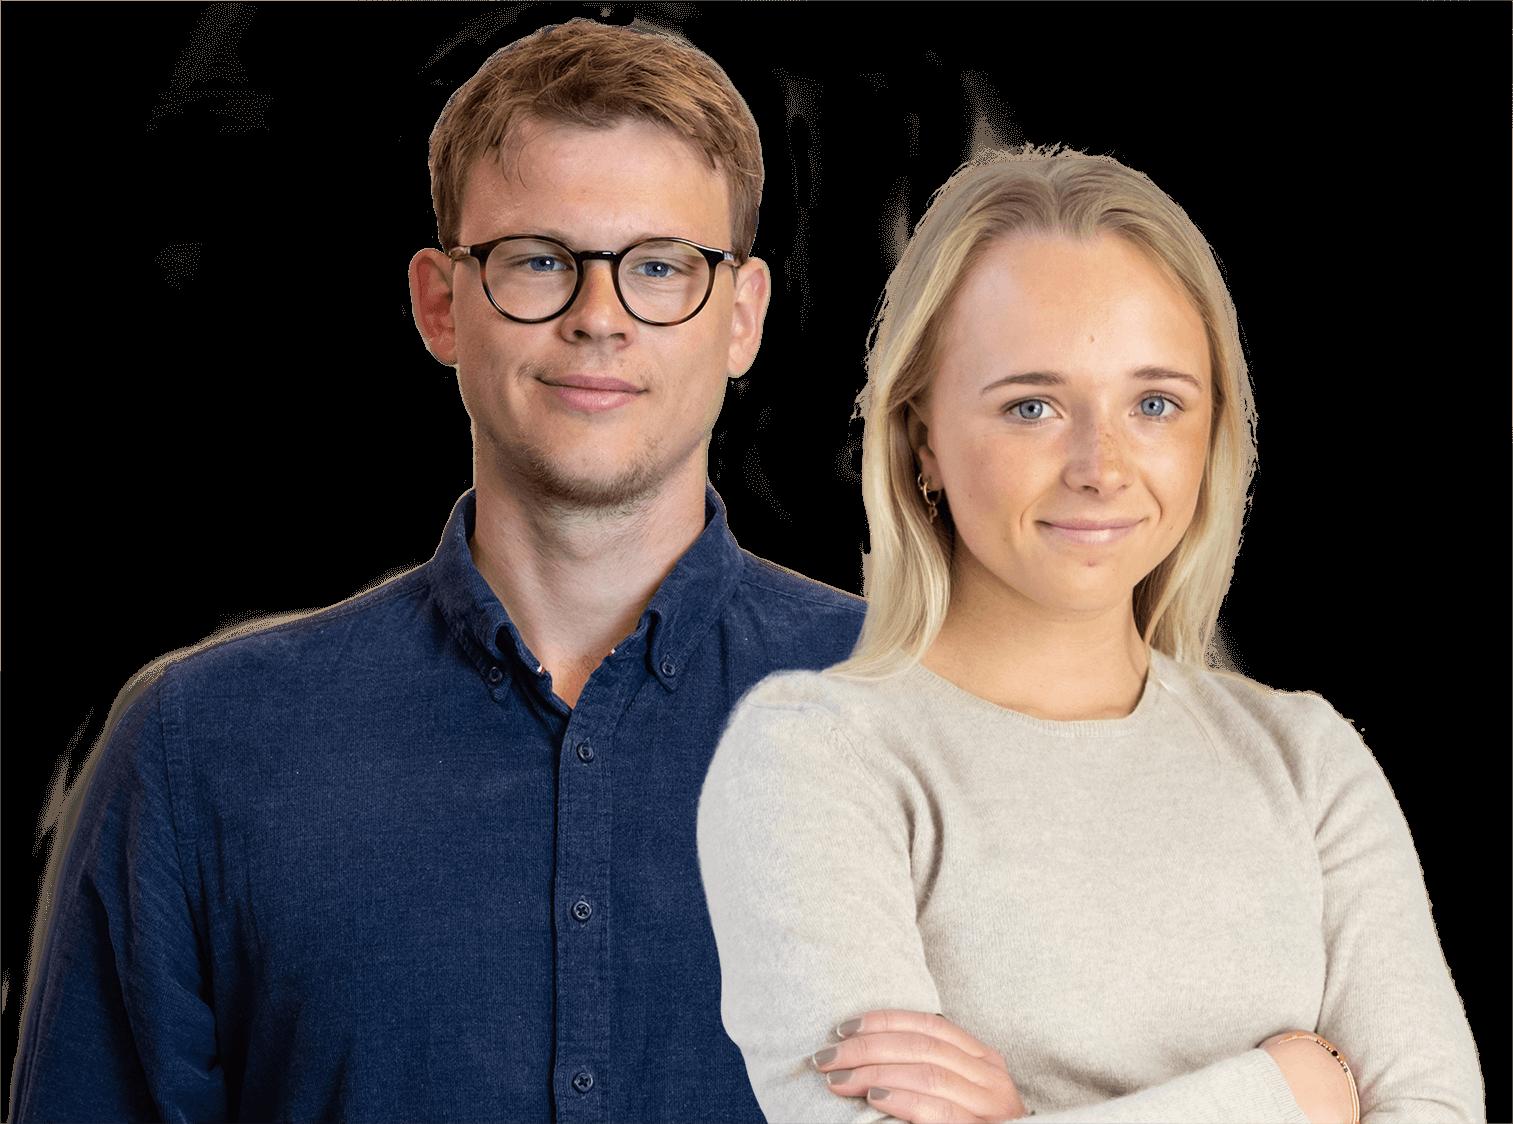 Oliver og Pia, chef og medarbejder i Terapeut Booking